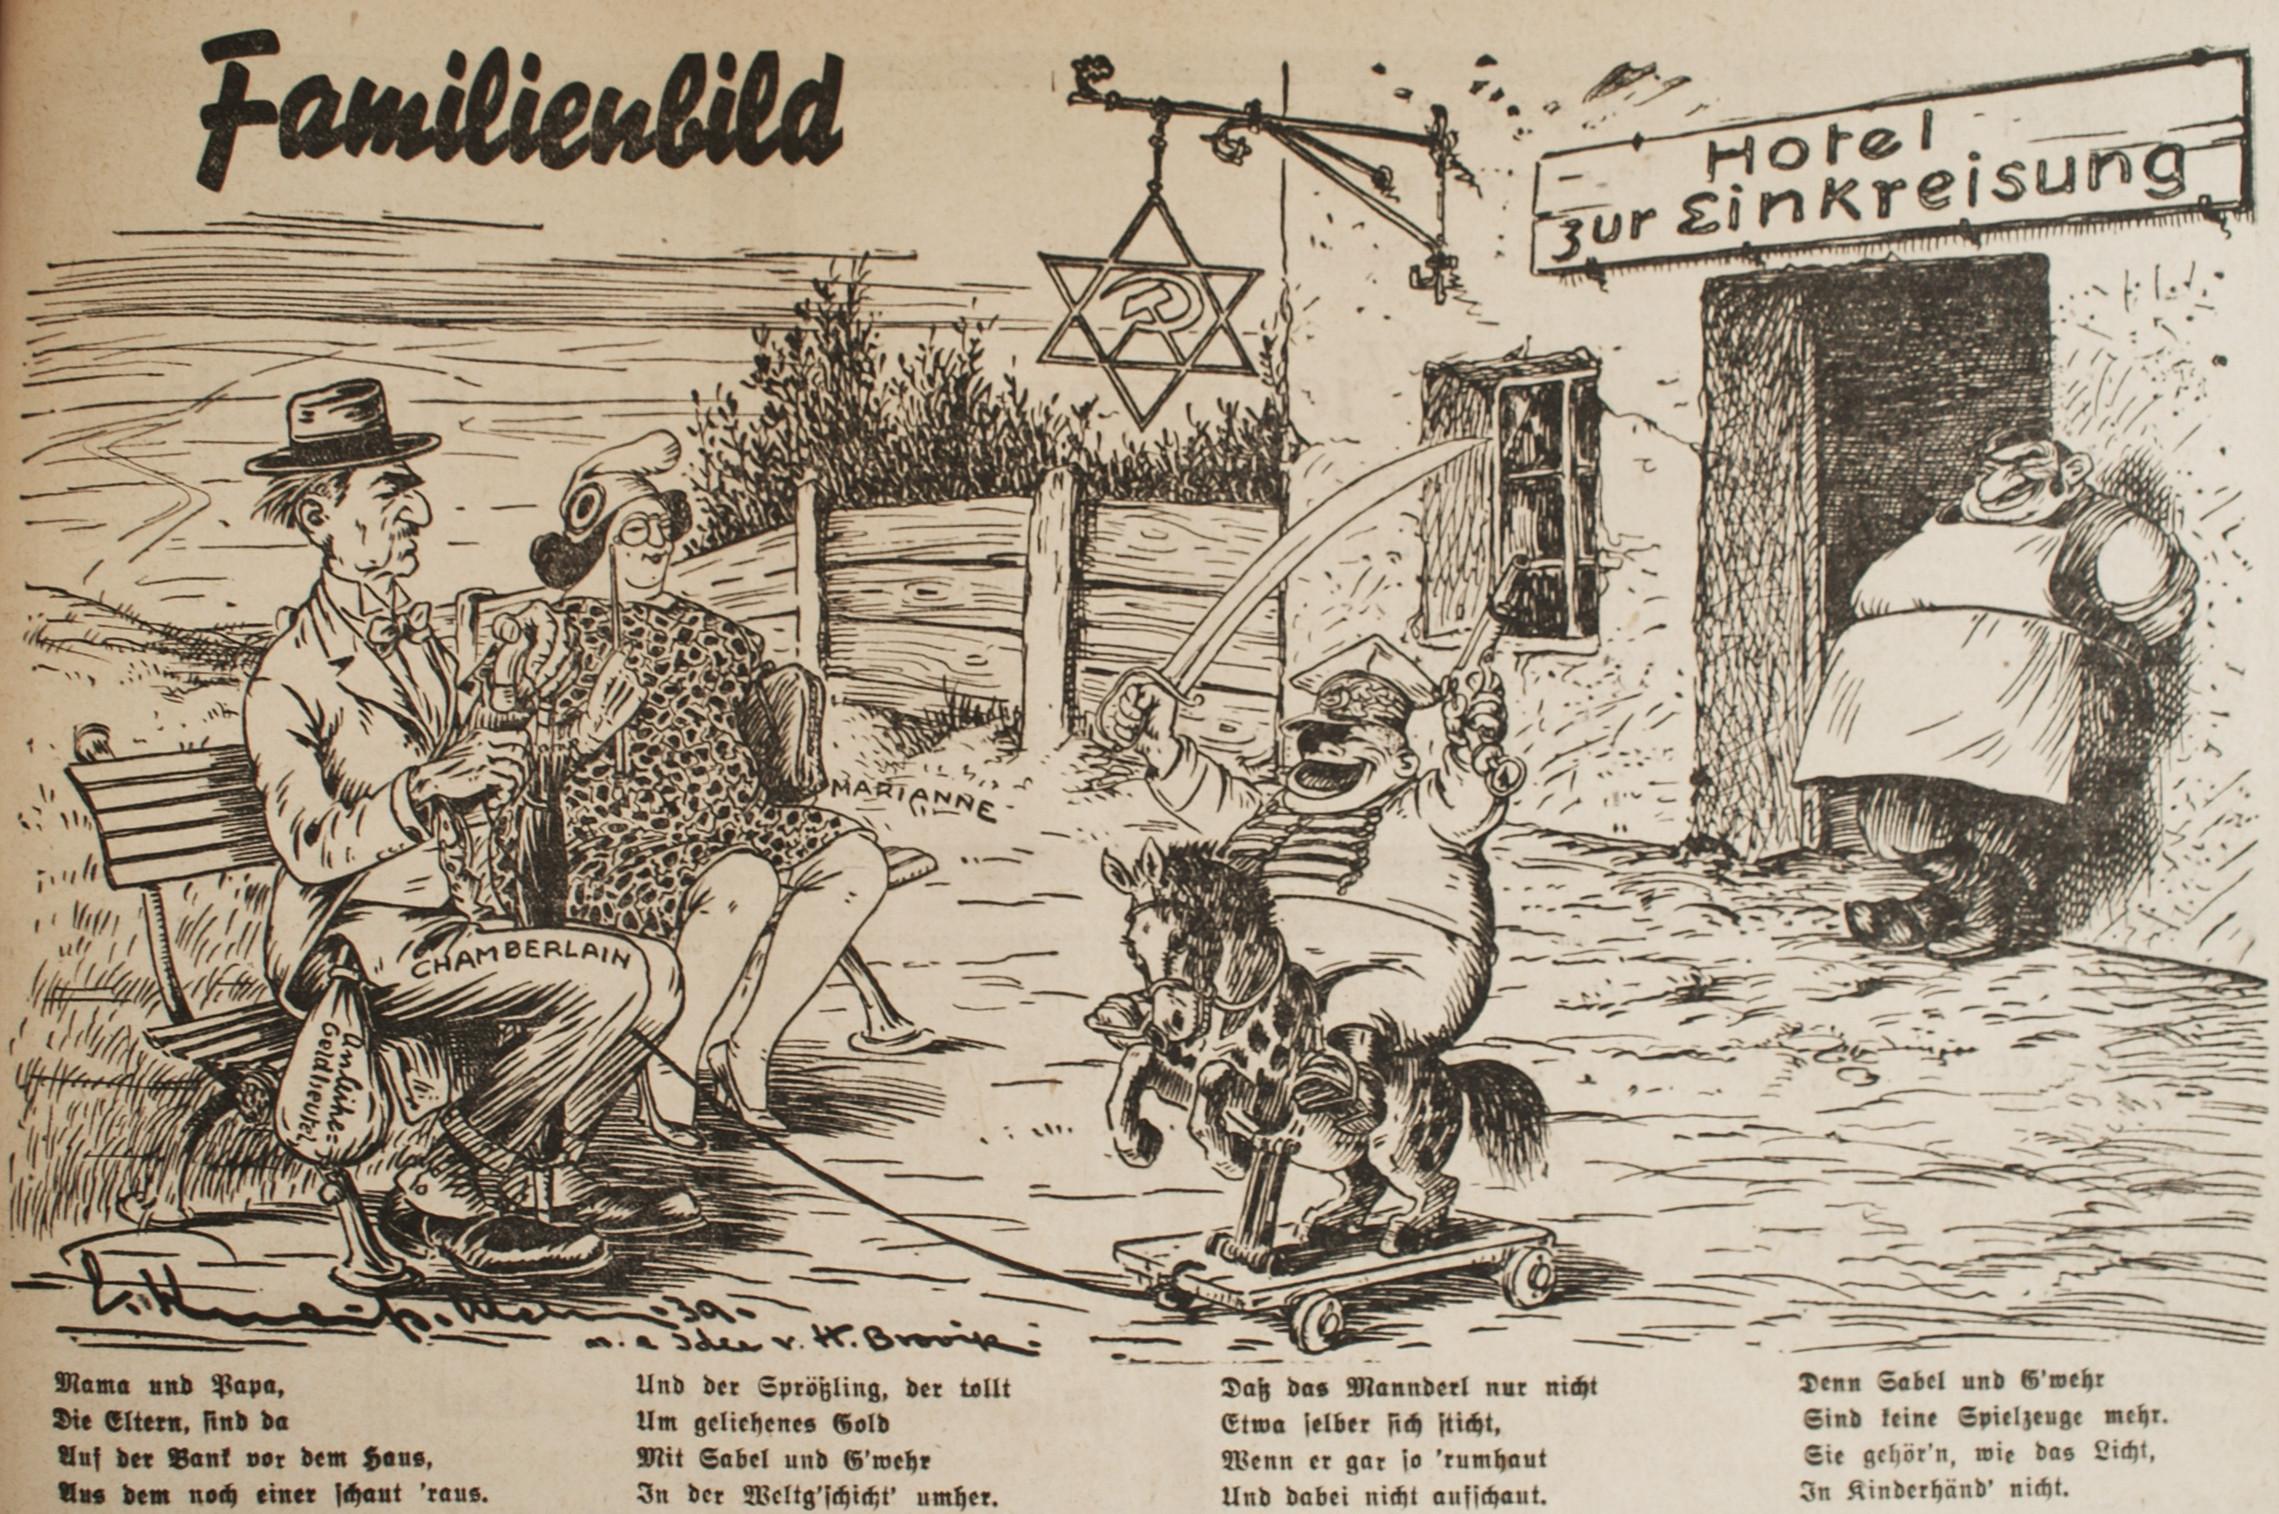 """Bild: Familienbild vor dem """"Hotel zur Einkreisung"""""""